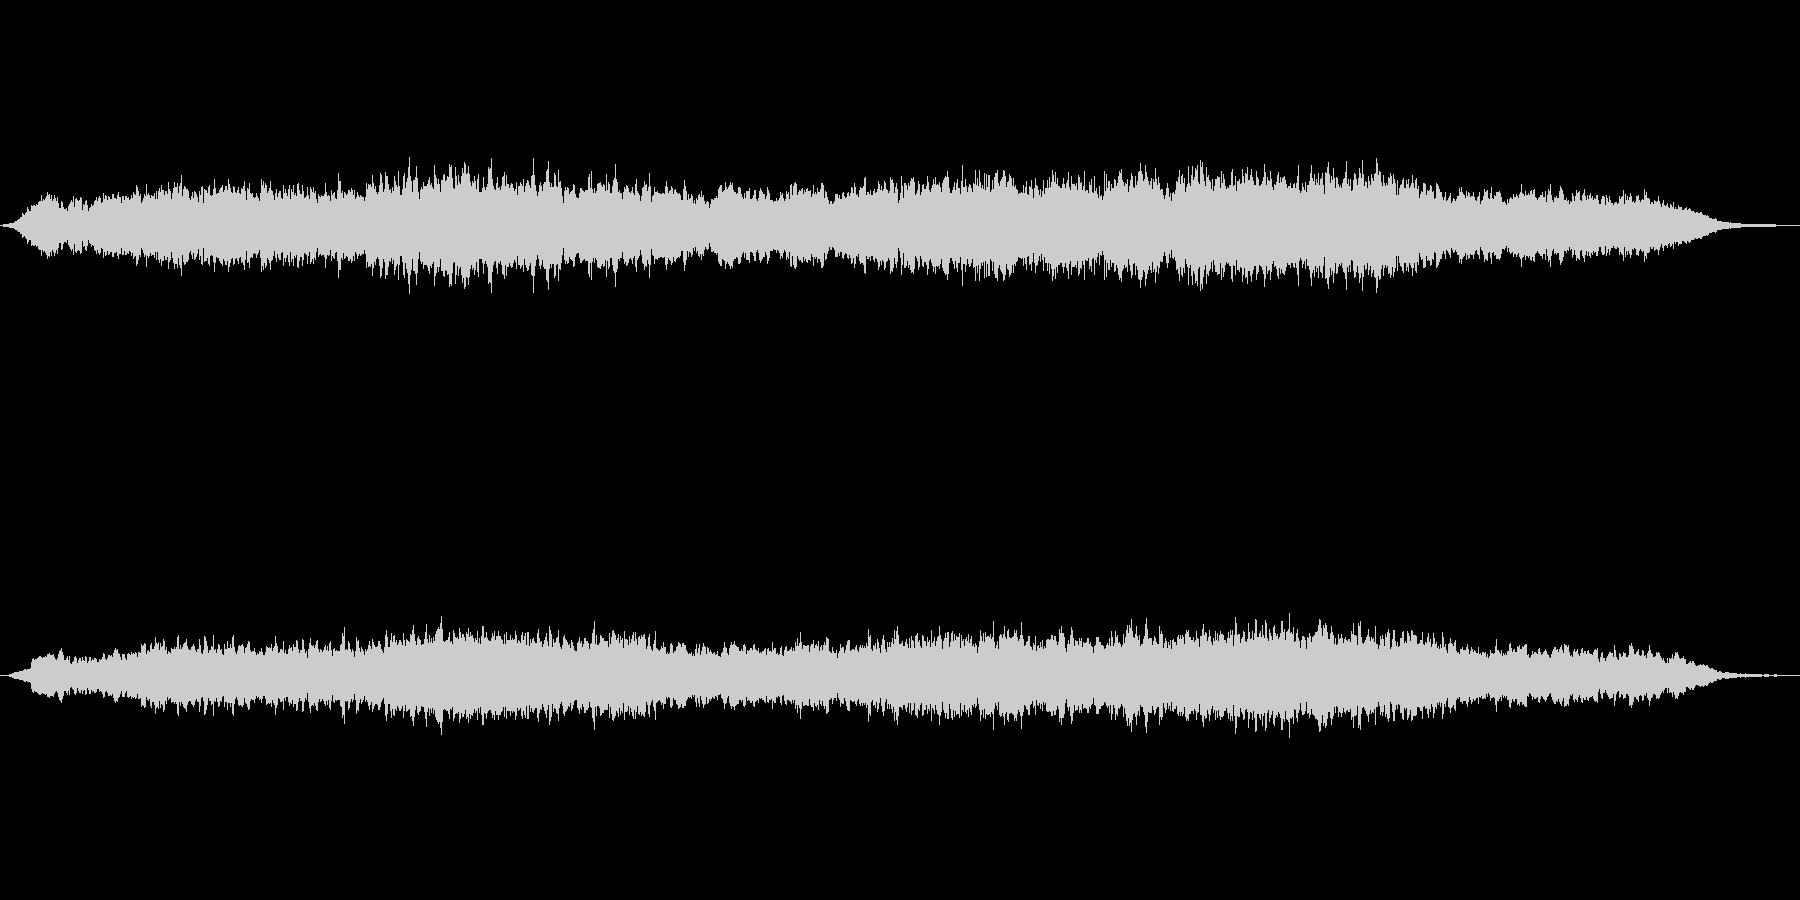 シンセパッドによる幻想的なジングル3の未再生の波形